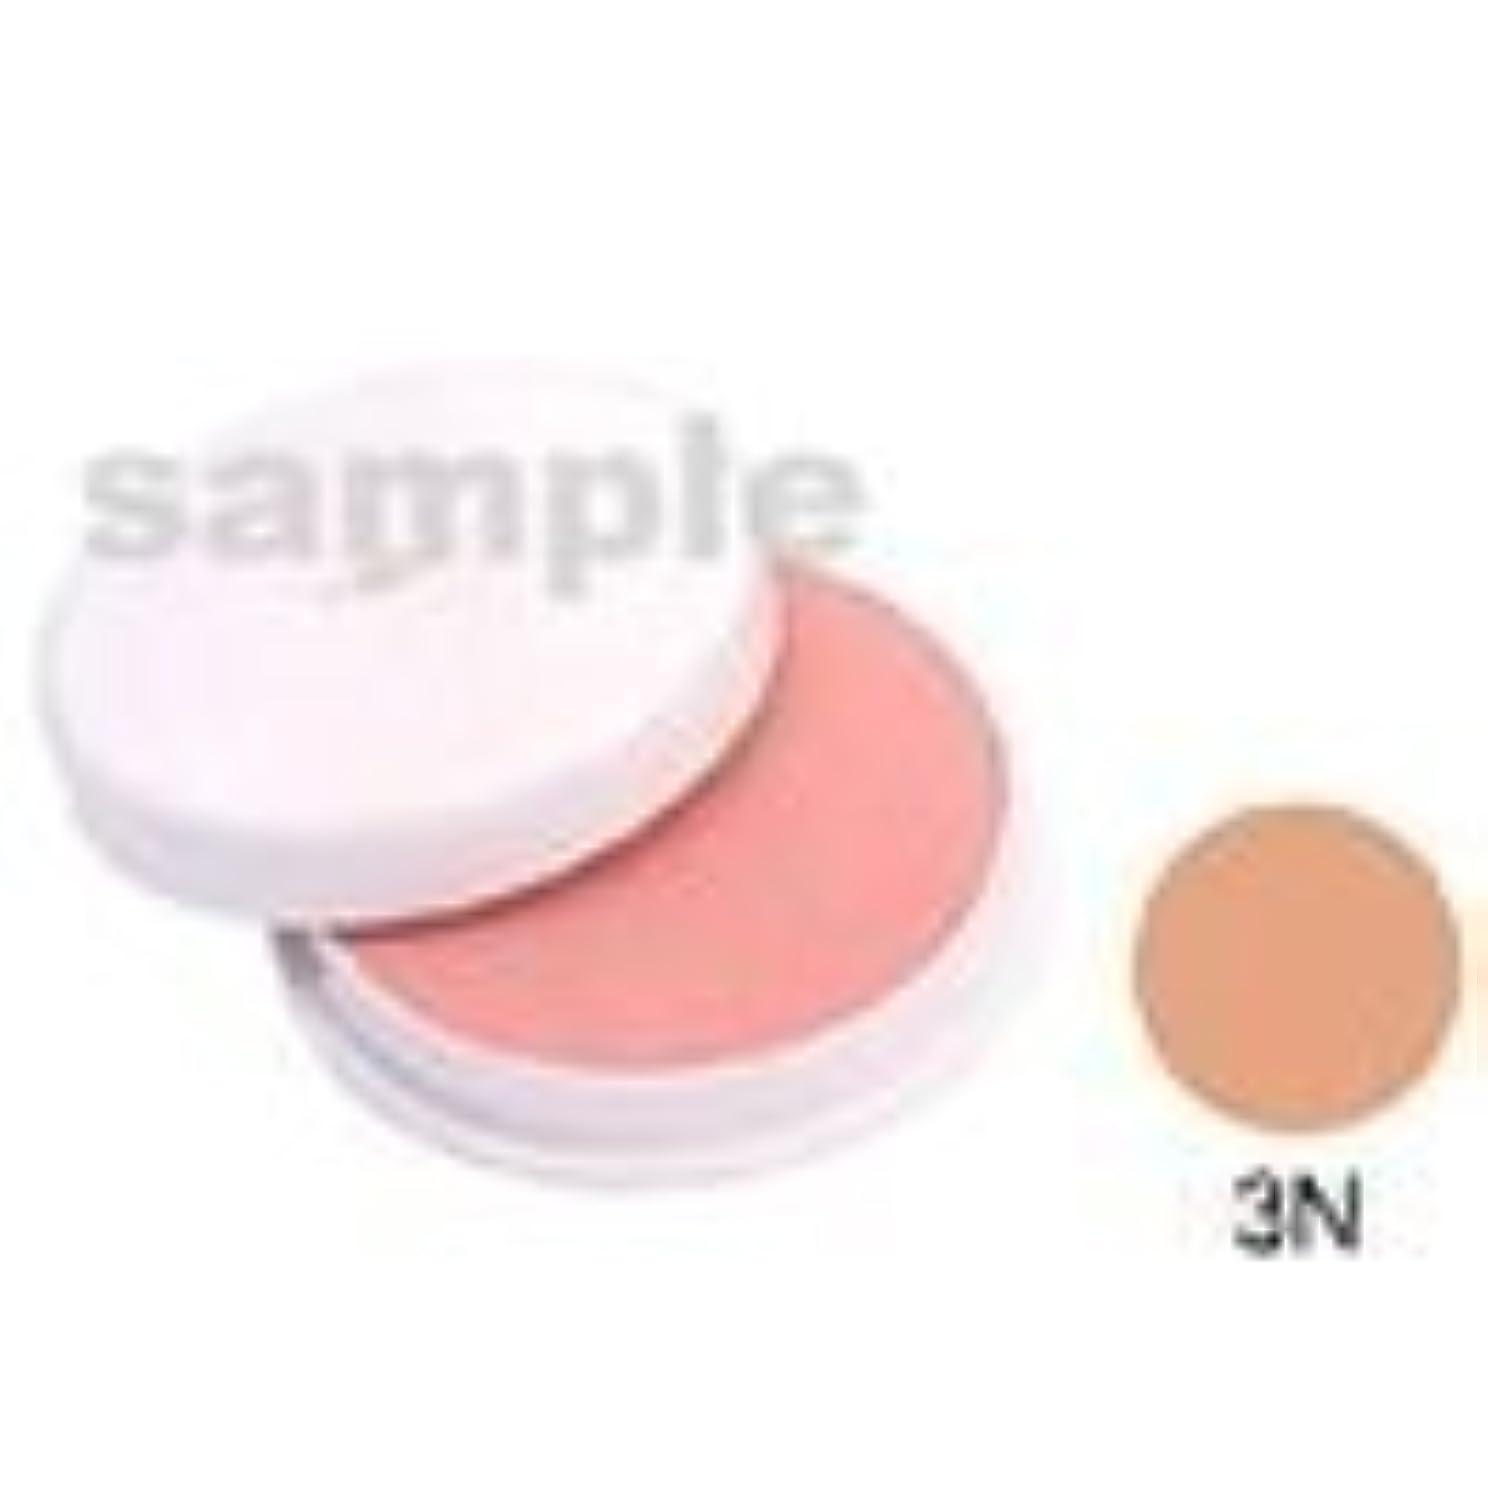 人気設計シフト三善 フェースケーキ 3N